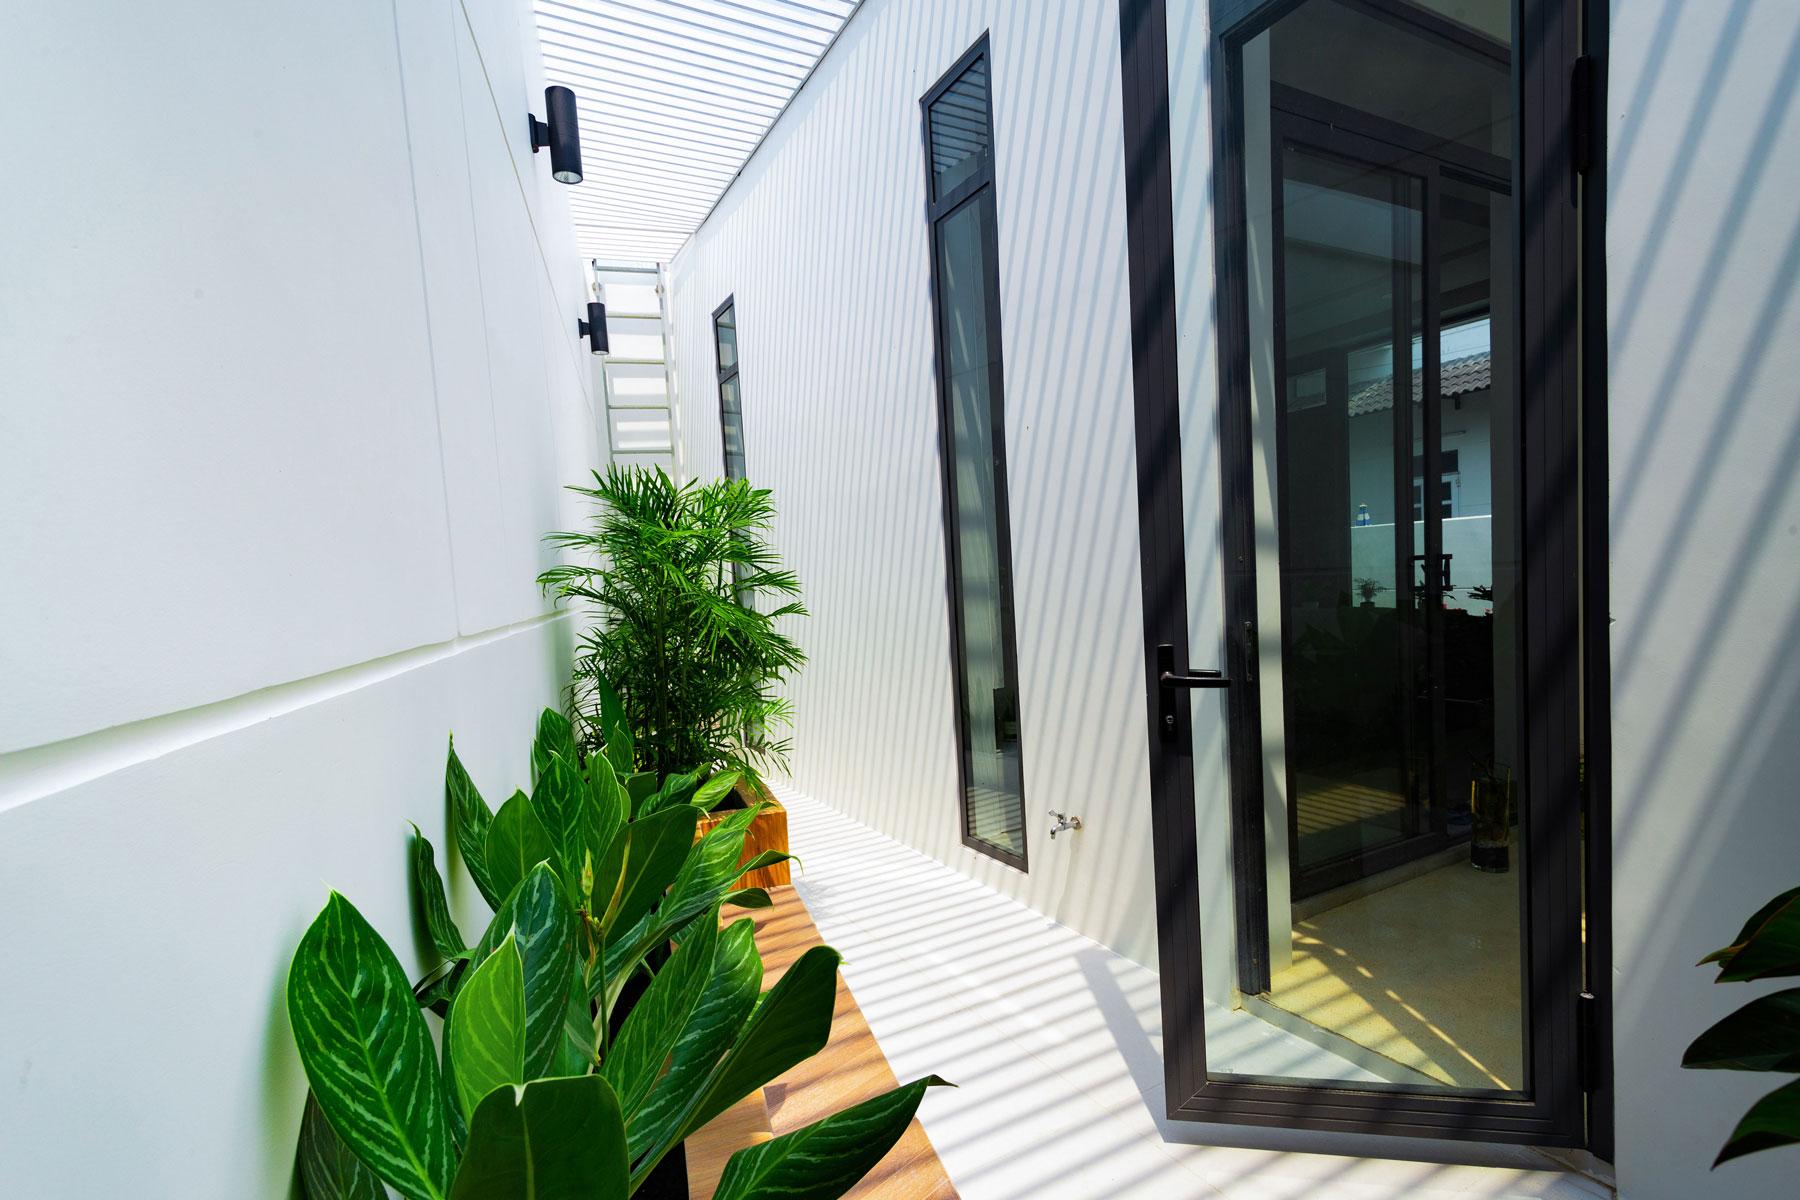 noi that nha hien dai 1 tang dep nhat Biệt thự vườn nhà 1 tầng hiện đại 8x19m kiểu phương Tây không gian mở ở Biên Hòa